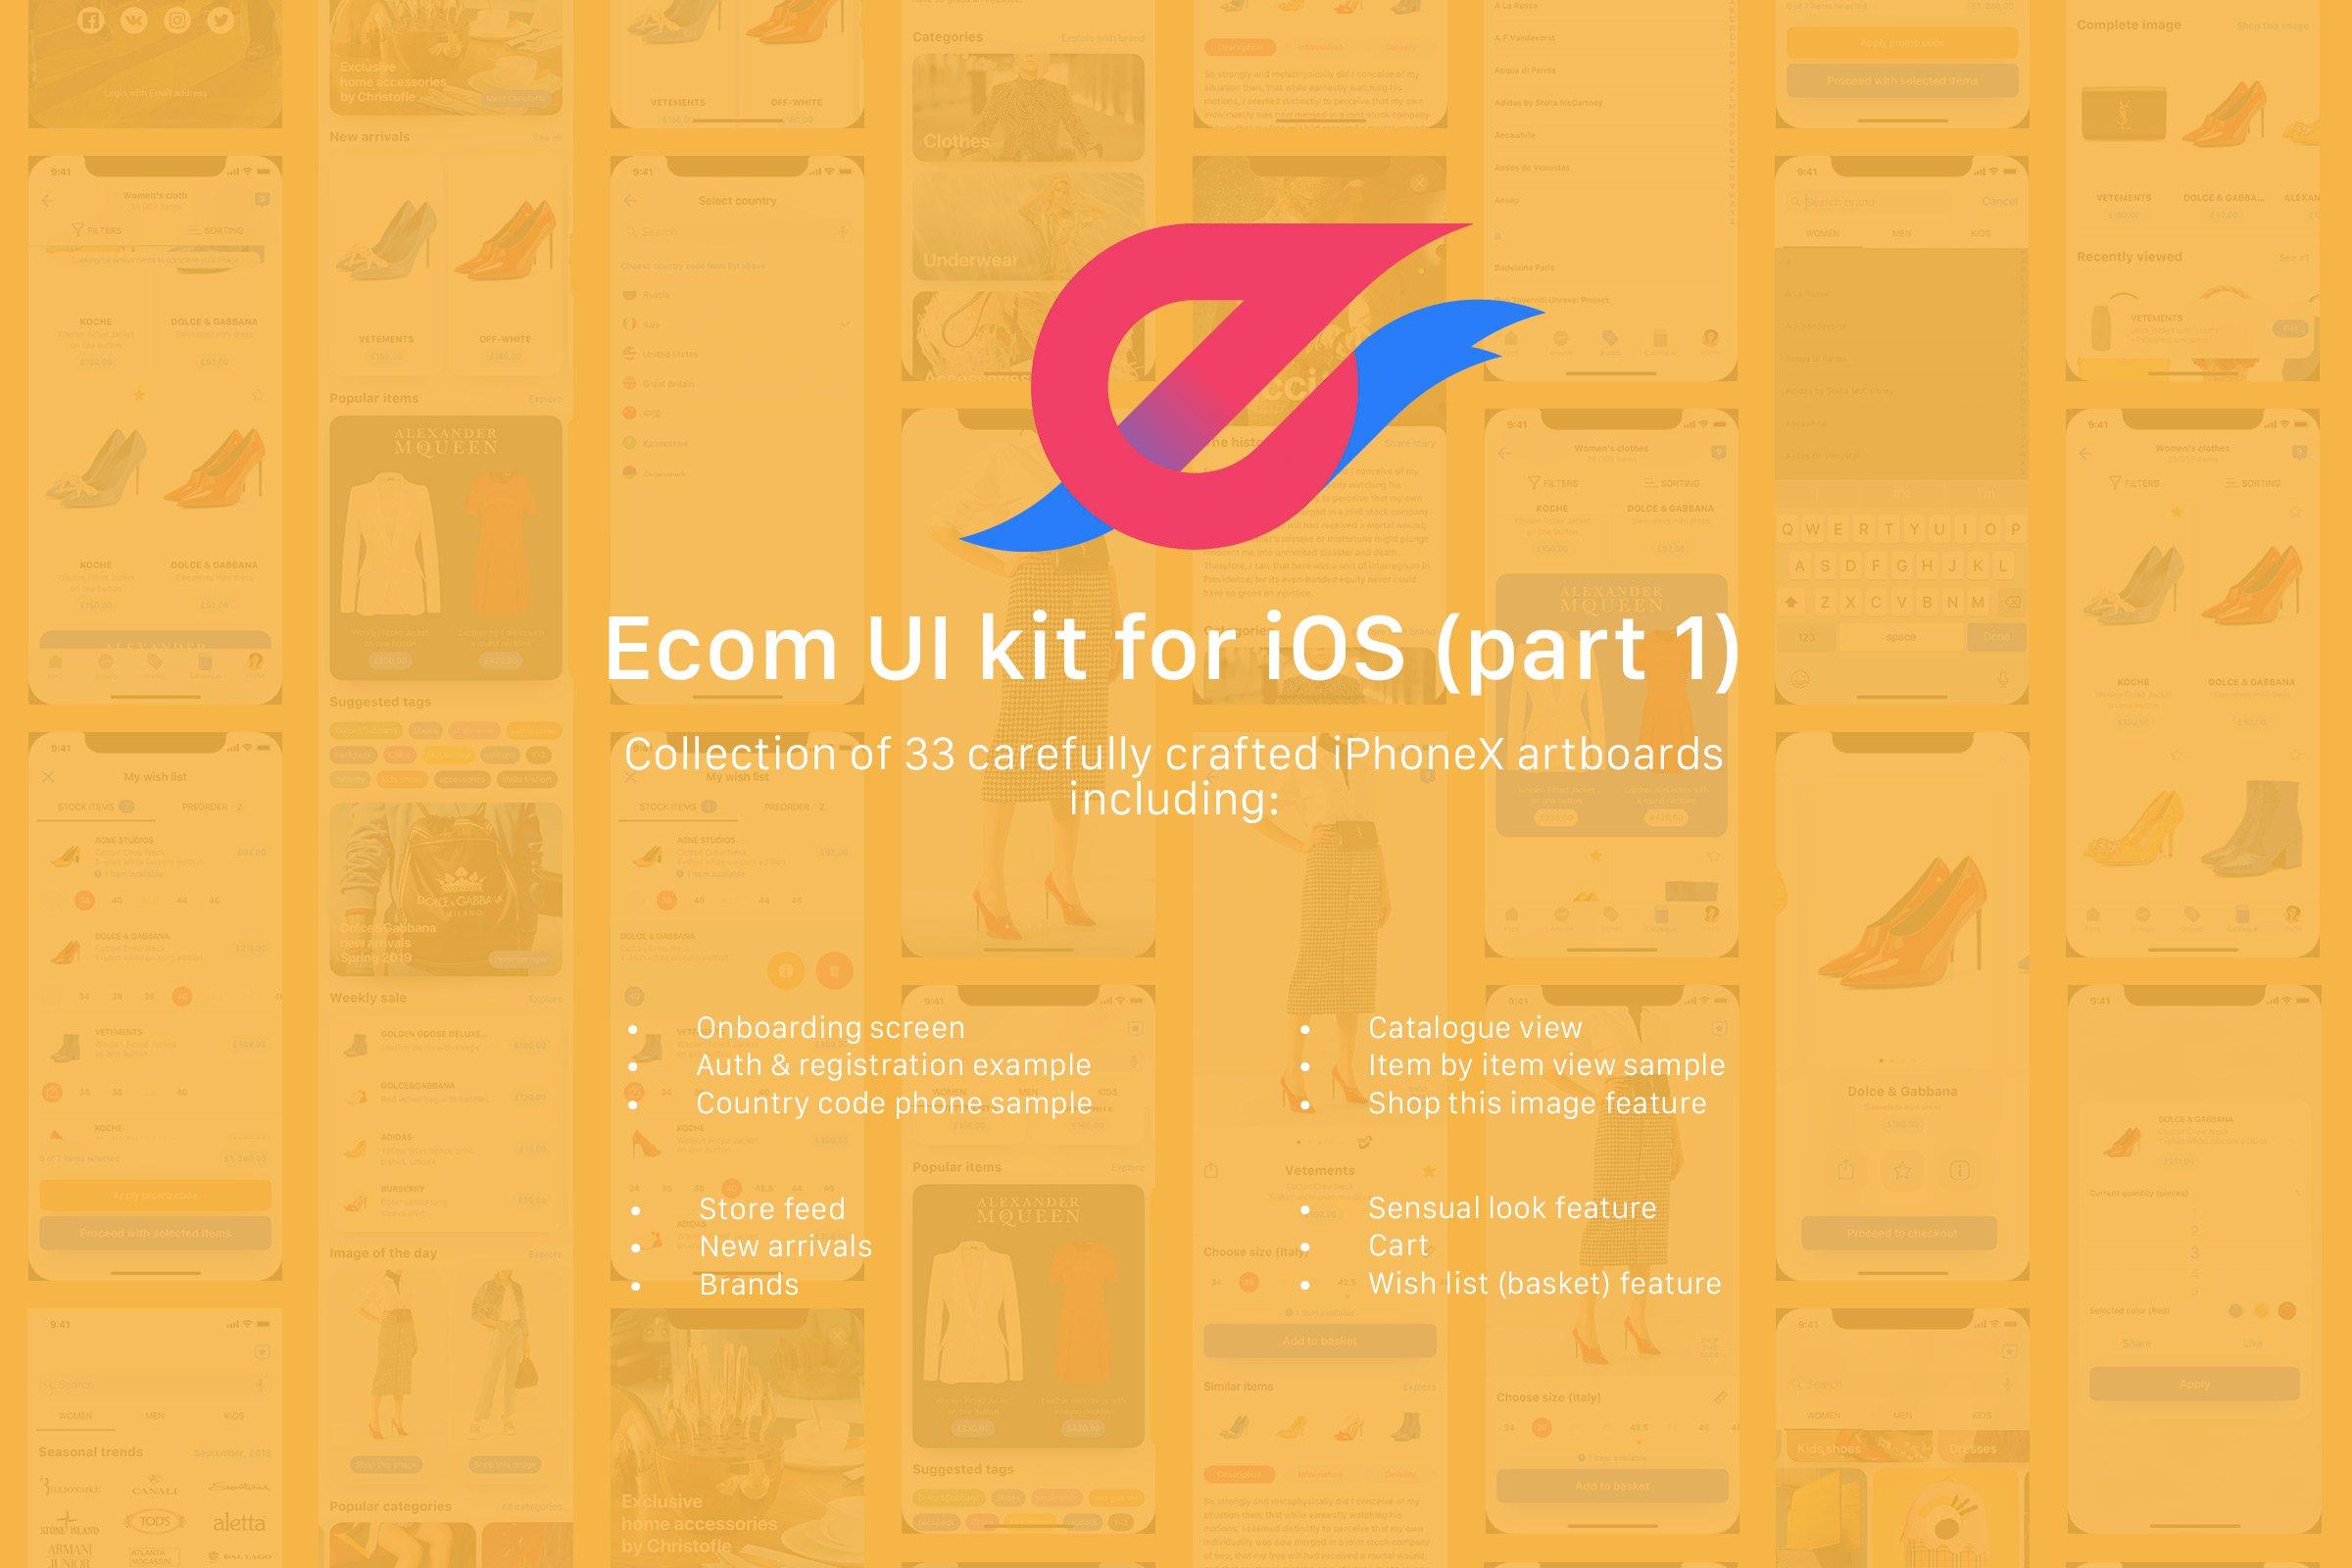 豪华电子商务iOS12风格服装行业APP UI工具包 Ecom UI Kit for IOS UI